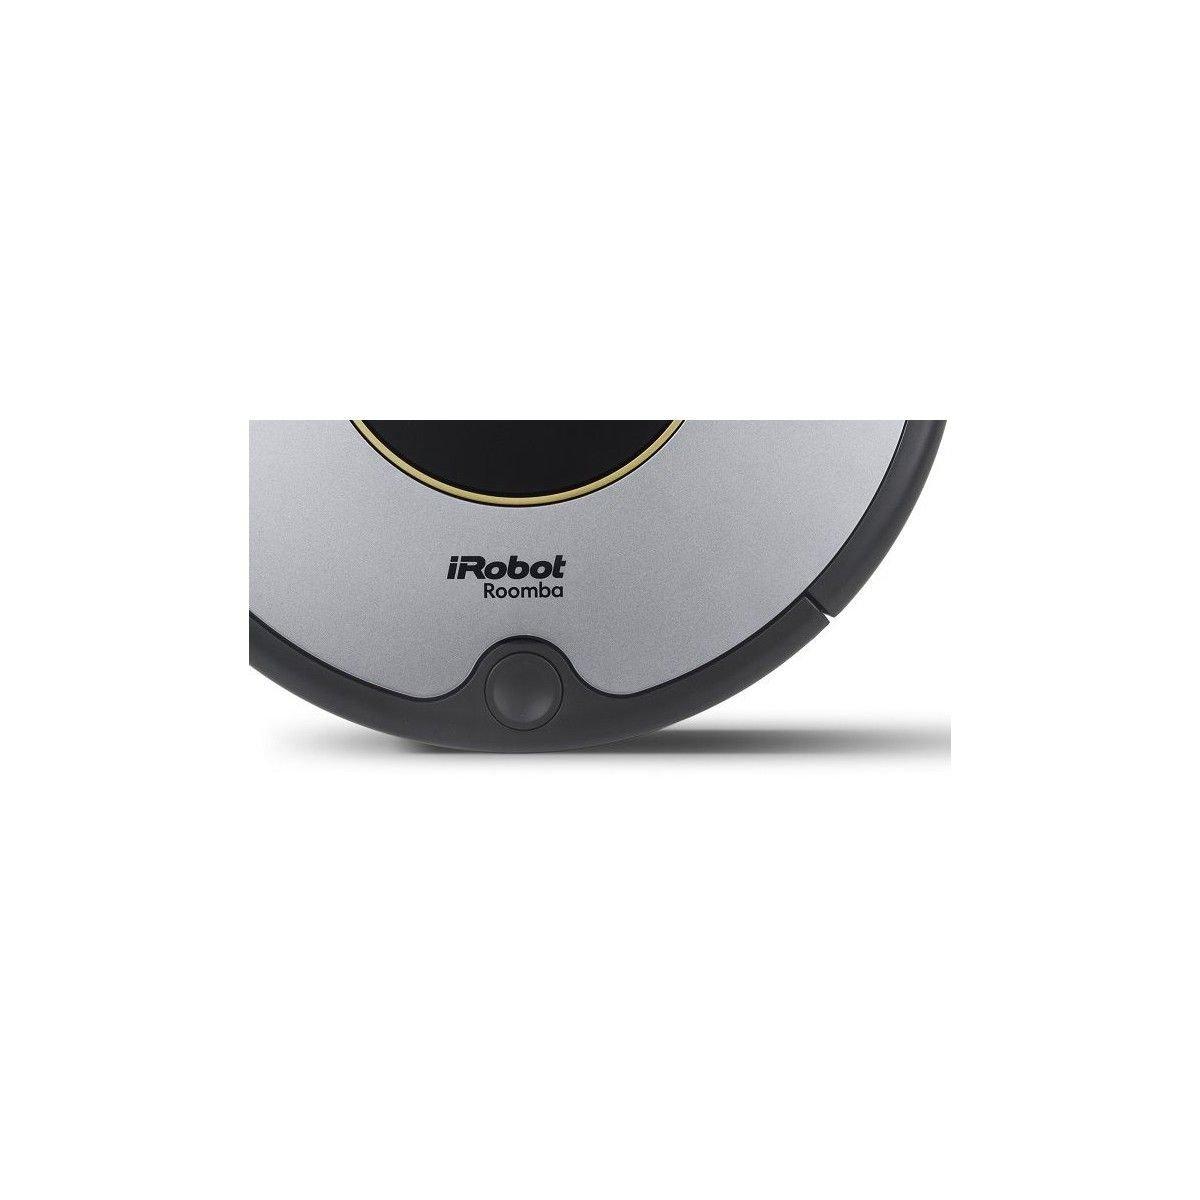 Robot Aspirador Irobot Roomba 616 - Limpieza 3 Fases - Dirt Detect - Cepillo Lateral - Deposito Aerovac - Base De Carga - Bateria Xlife - Gris: Irobot: ...